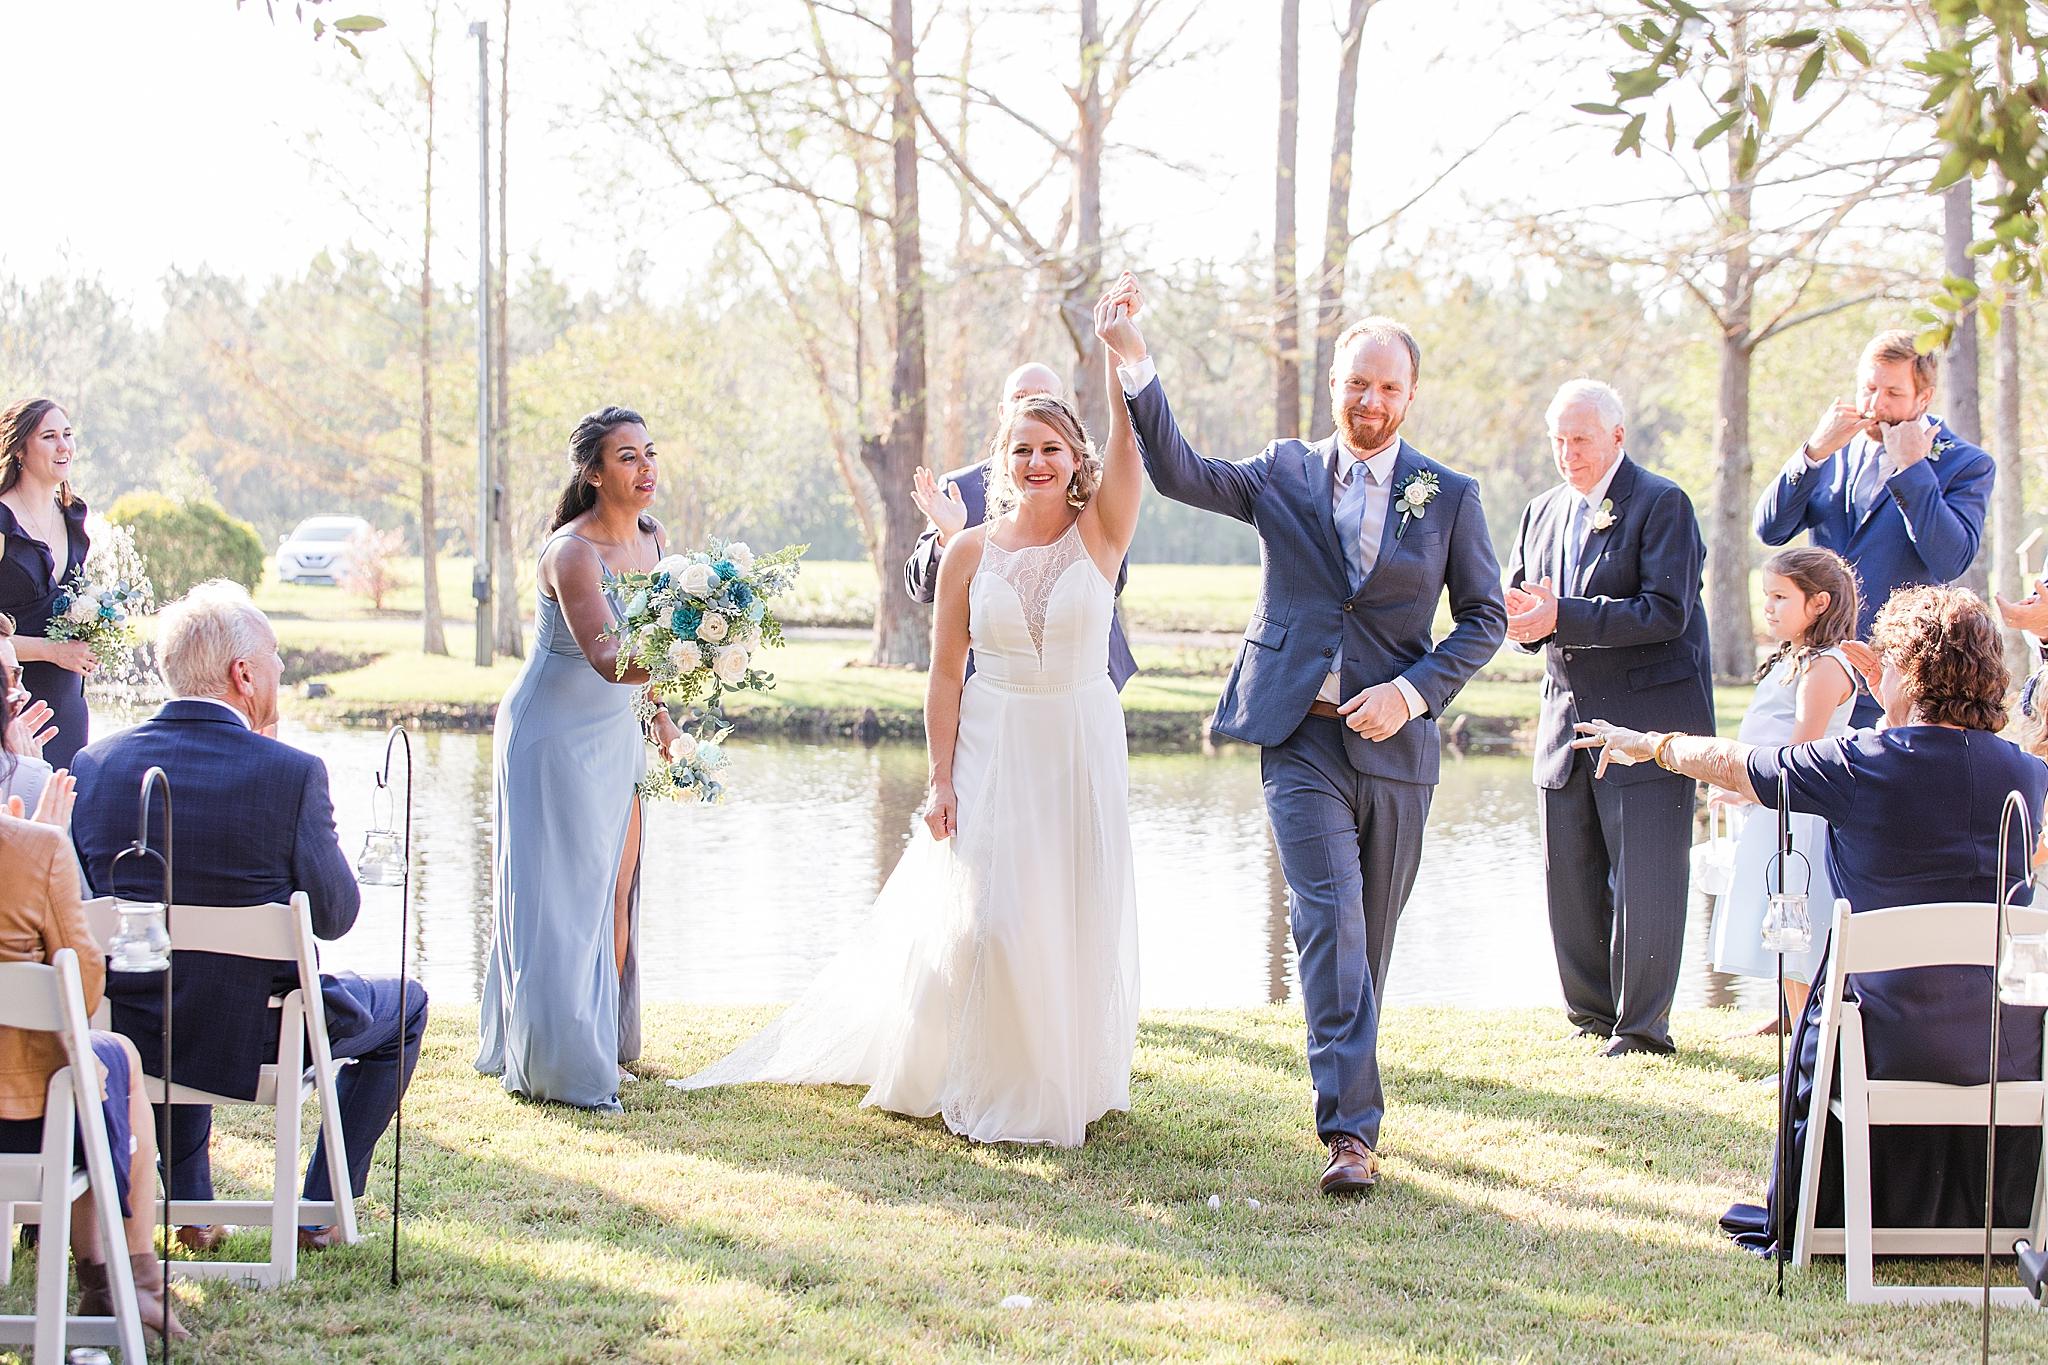 newlyweds walk up aisle at Burkhardt Pond